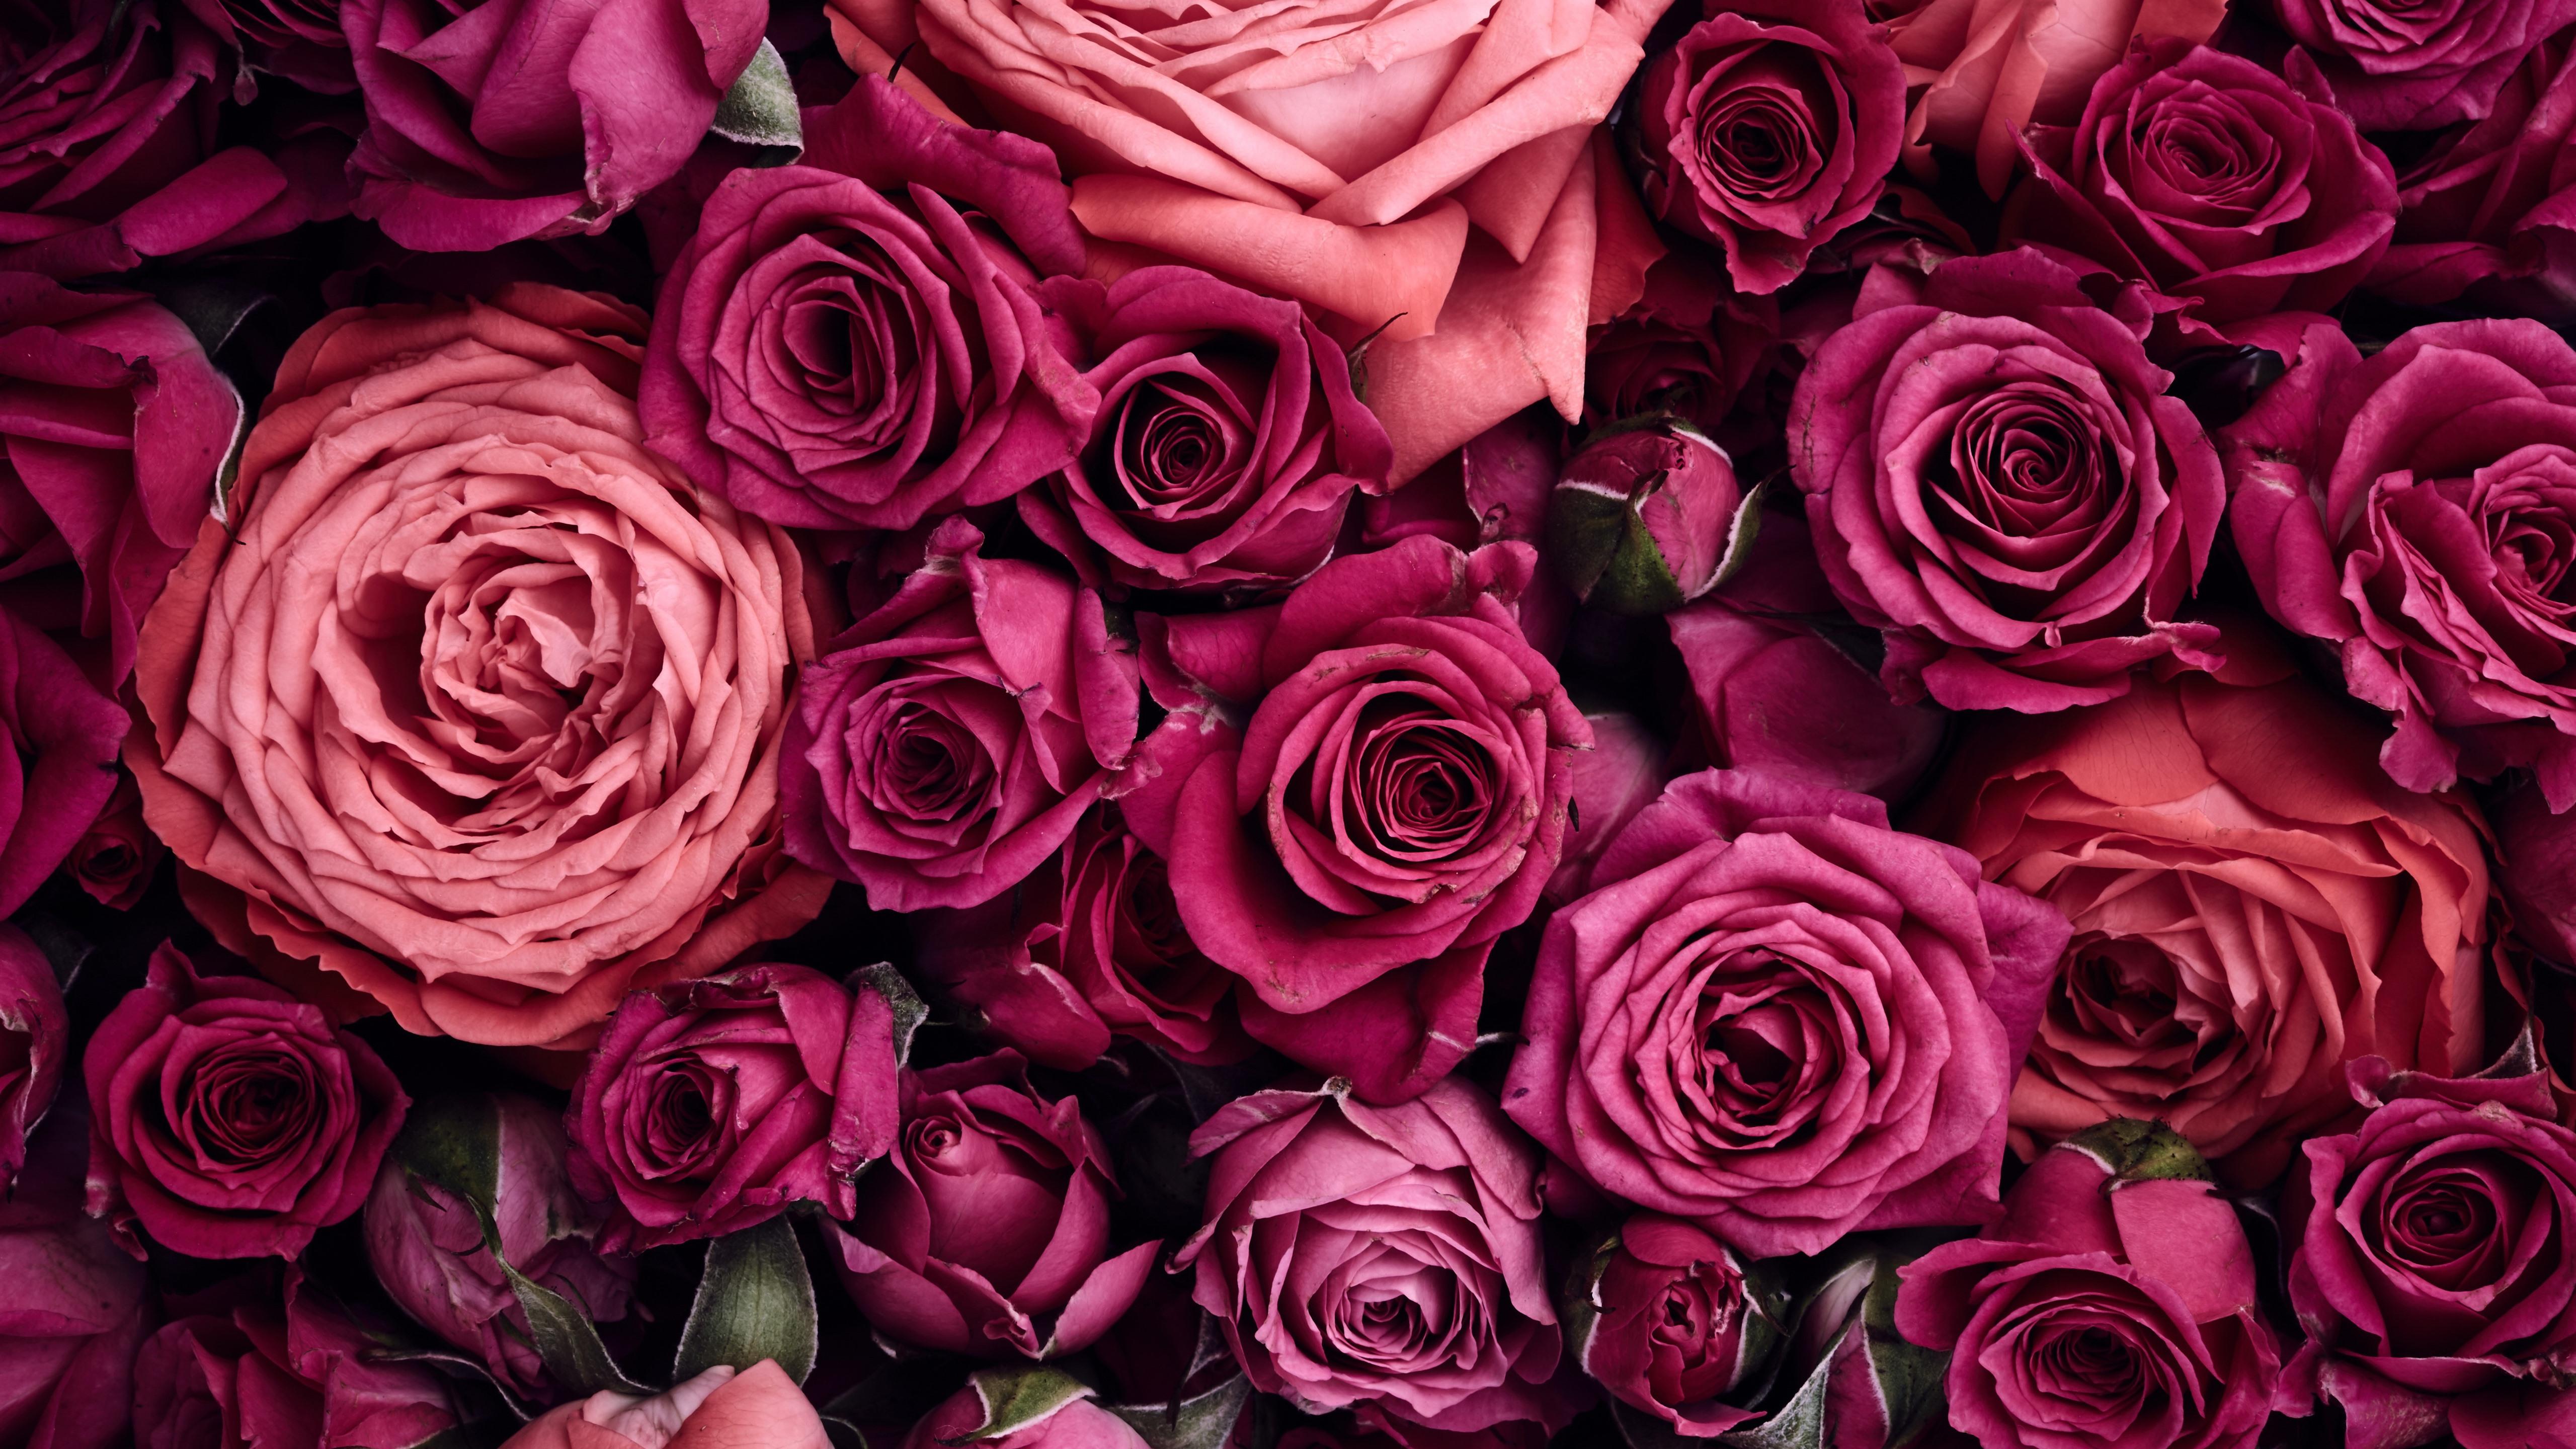 壁紙 紫とピンクのバラの背景 5120x2880 Uhd 5k 無料のデスクトップの